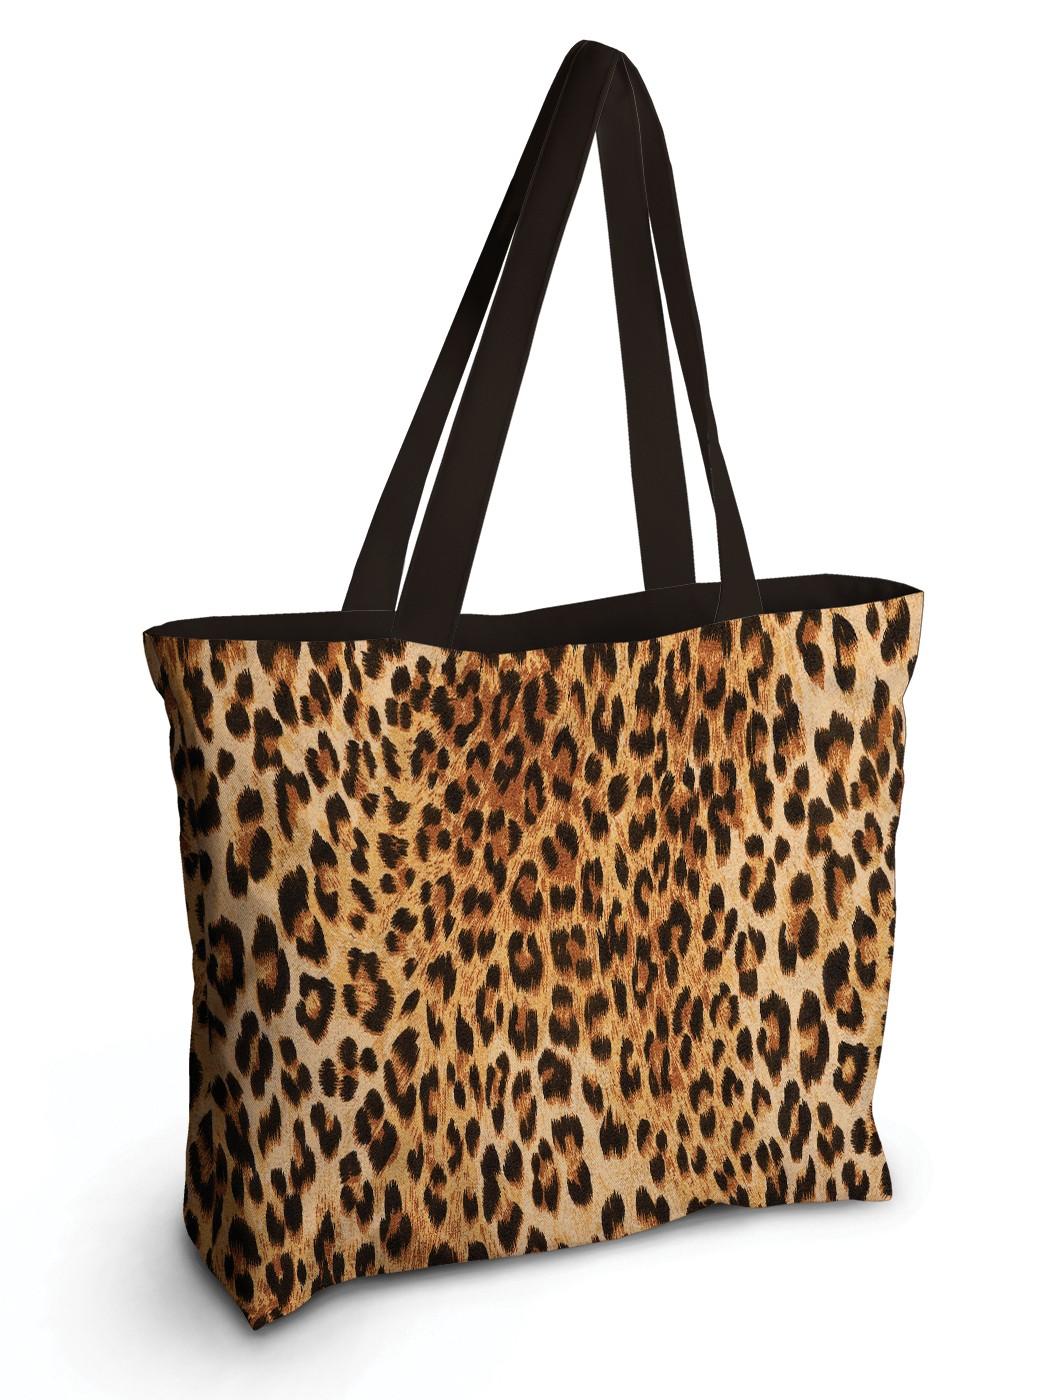 Спортивная сумка JoyArty bsz_14069 классический леопард